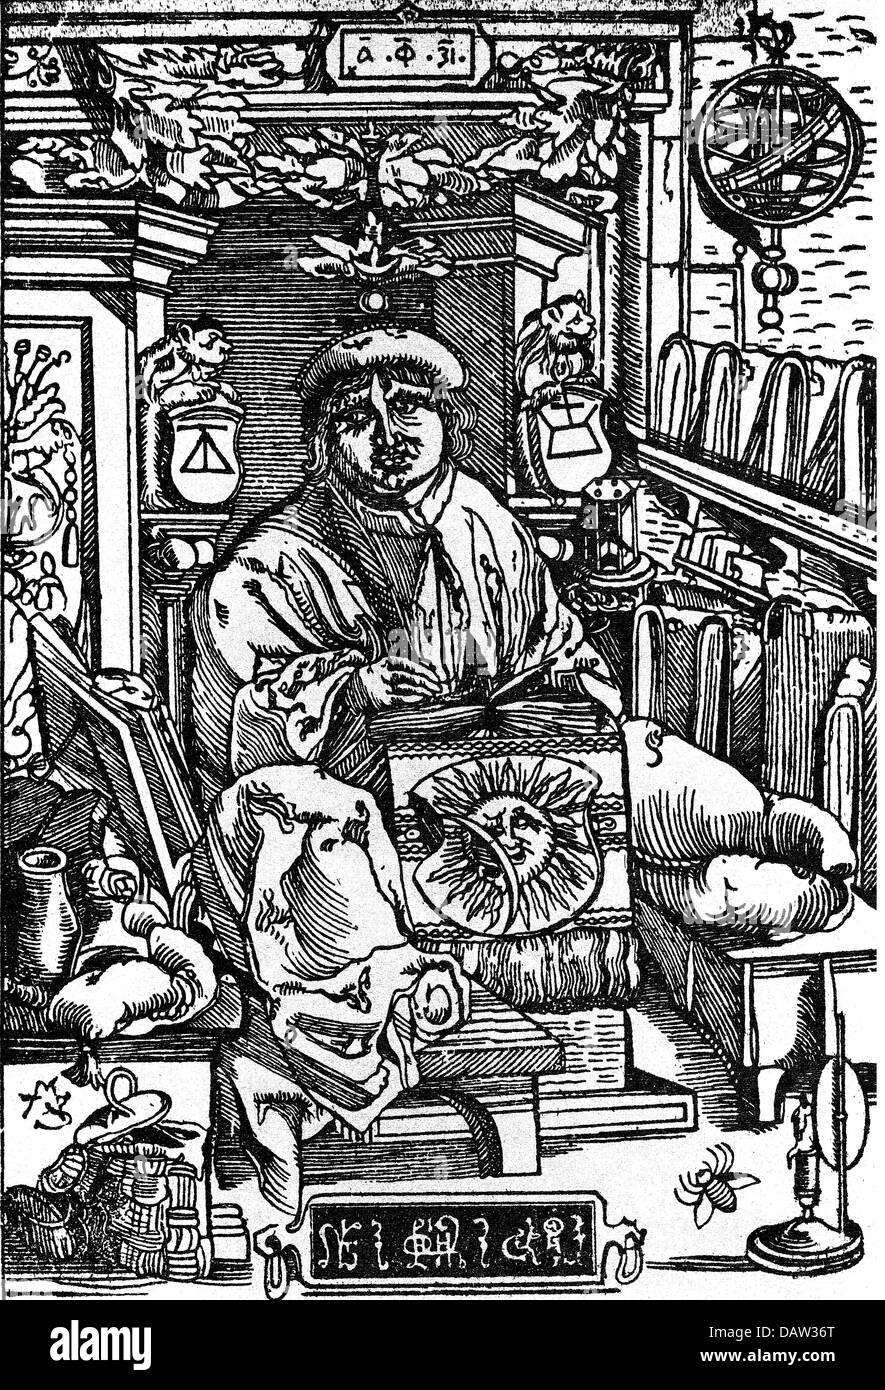 Skaryna, Franciscus, 6.3.1486 - Mai 1541, médecin bélarussien, travailleur de l'imprimerie, éditeur, pleine longueur, Banque D'Images